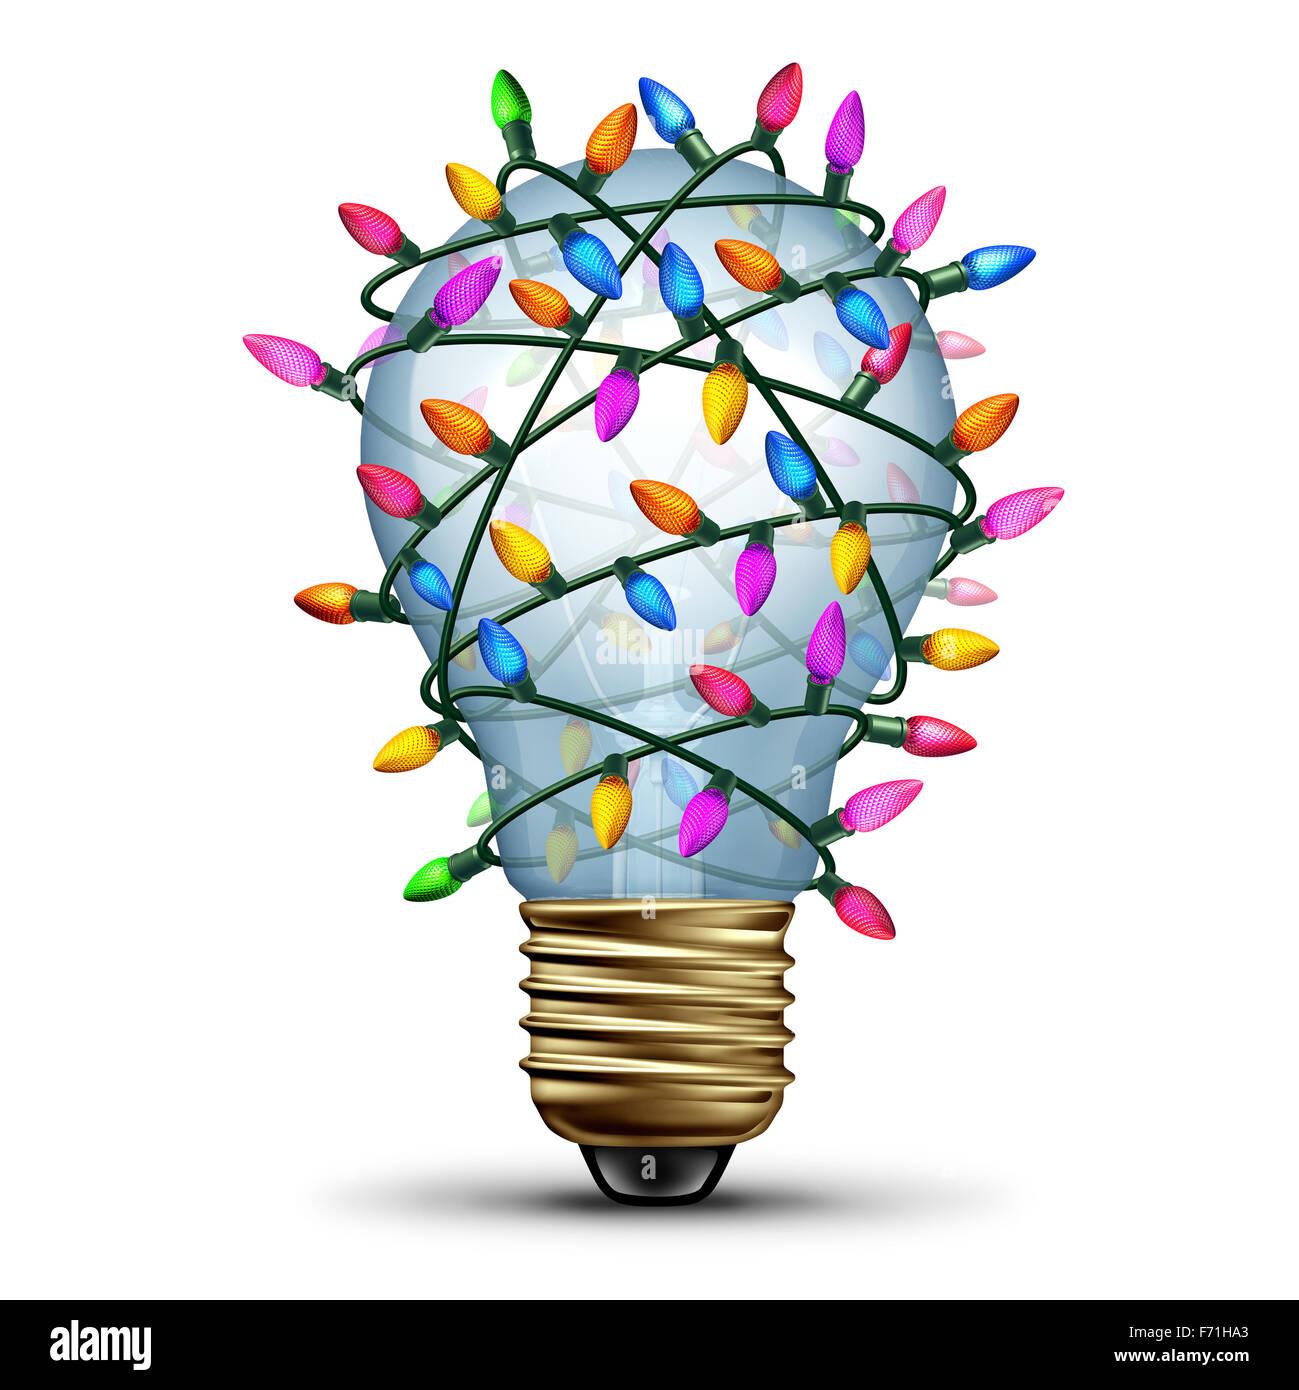 Maison de vacances lumineuse idée de saison hiver concept comme une ampoule enveloppée avec des lumières Photo Stock